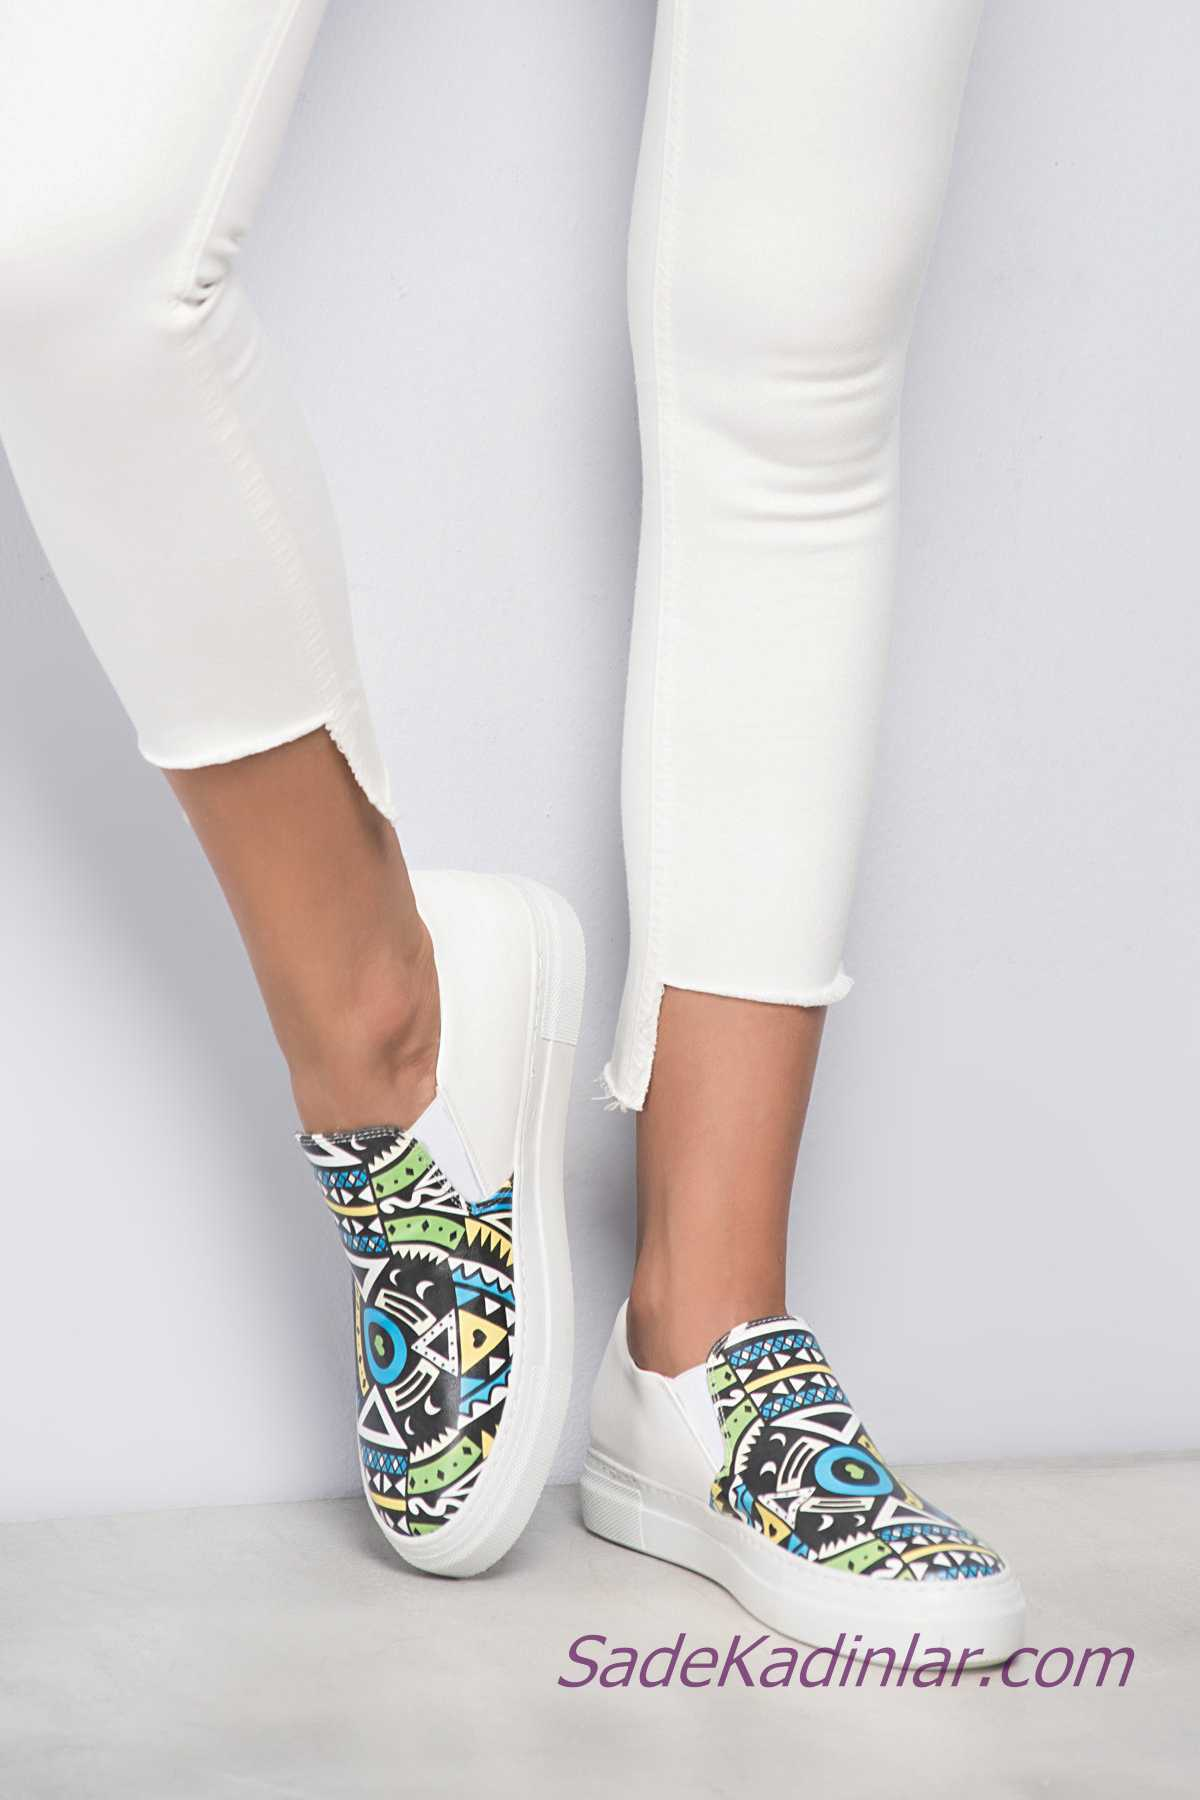 Sneakers Bayan Spor Ayakkabı Modelleri Beyaz Lastikli Önden Geometrik Şekilli Desenli